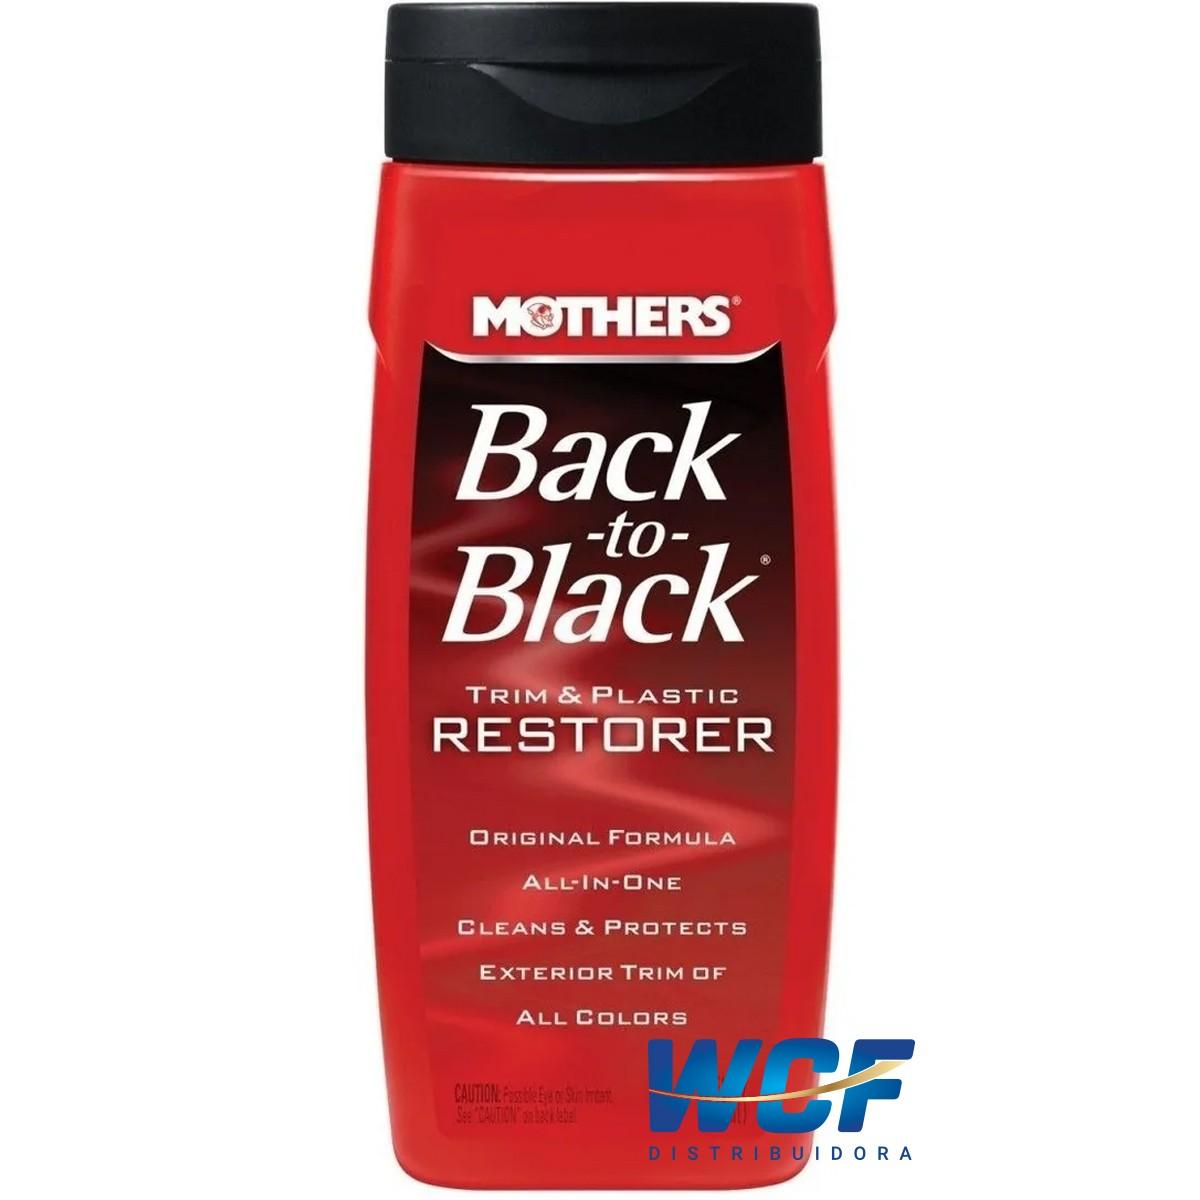 RESTAURADOR PLASTICO EXTERNO BACK TO BLACK 355ML MOTHERS